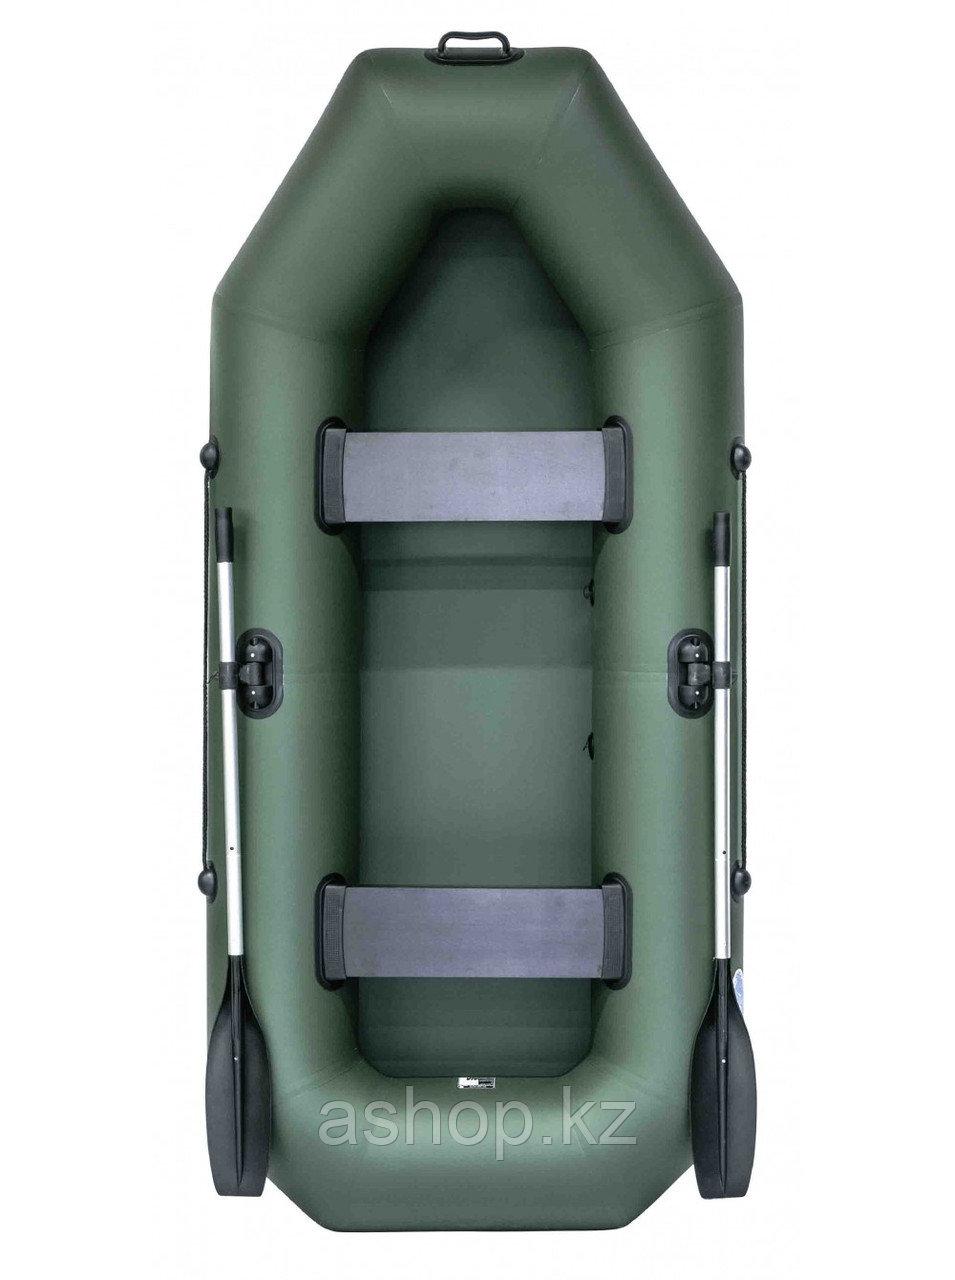 Лодка гребная надувная плоскодонная Rush 260, Грузоподъемность: 220кг, Вместимость: 2 чел., Кол-во отсеков: 2,